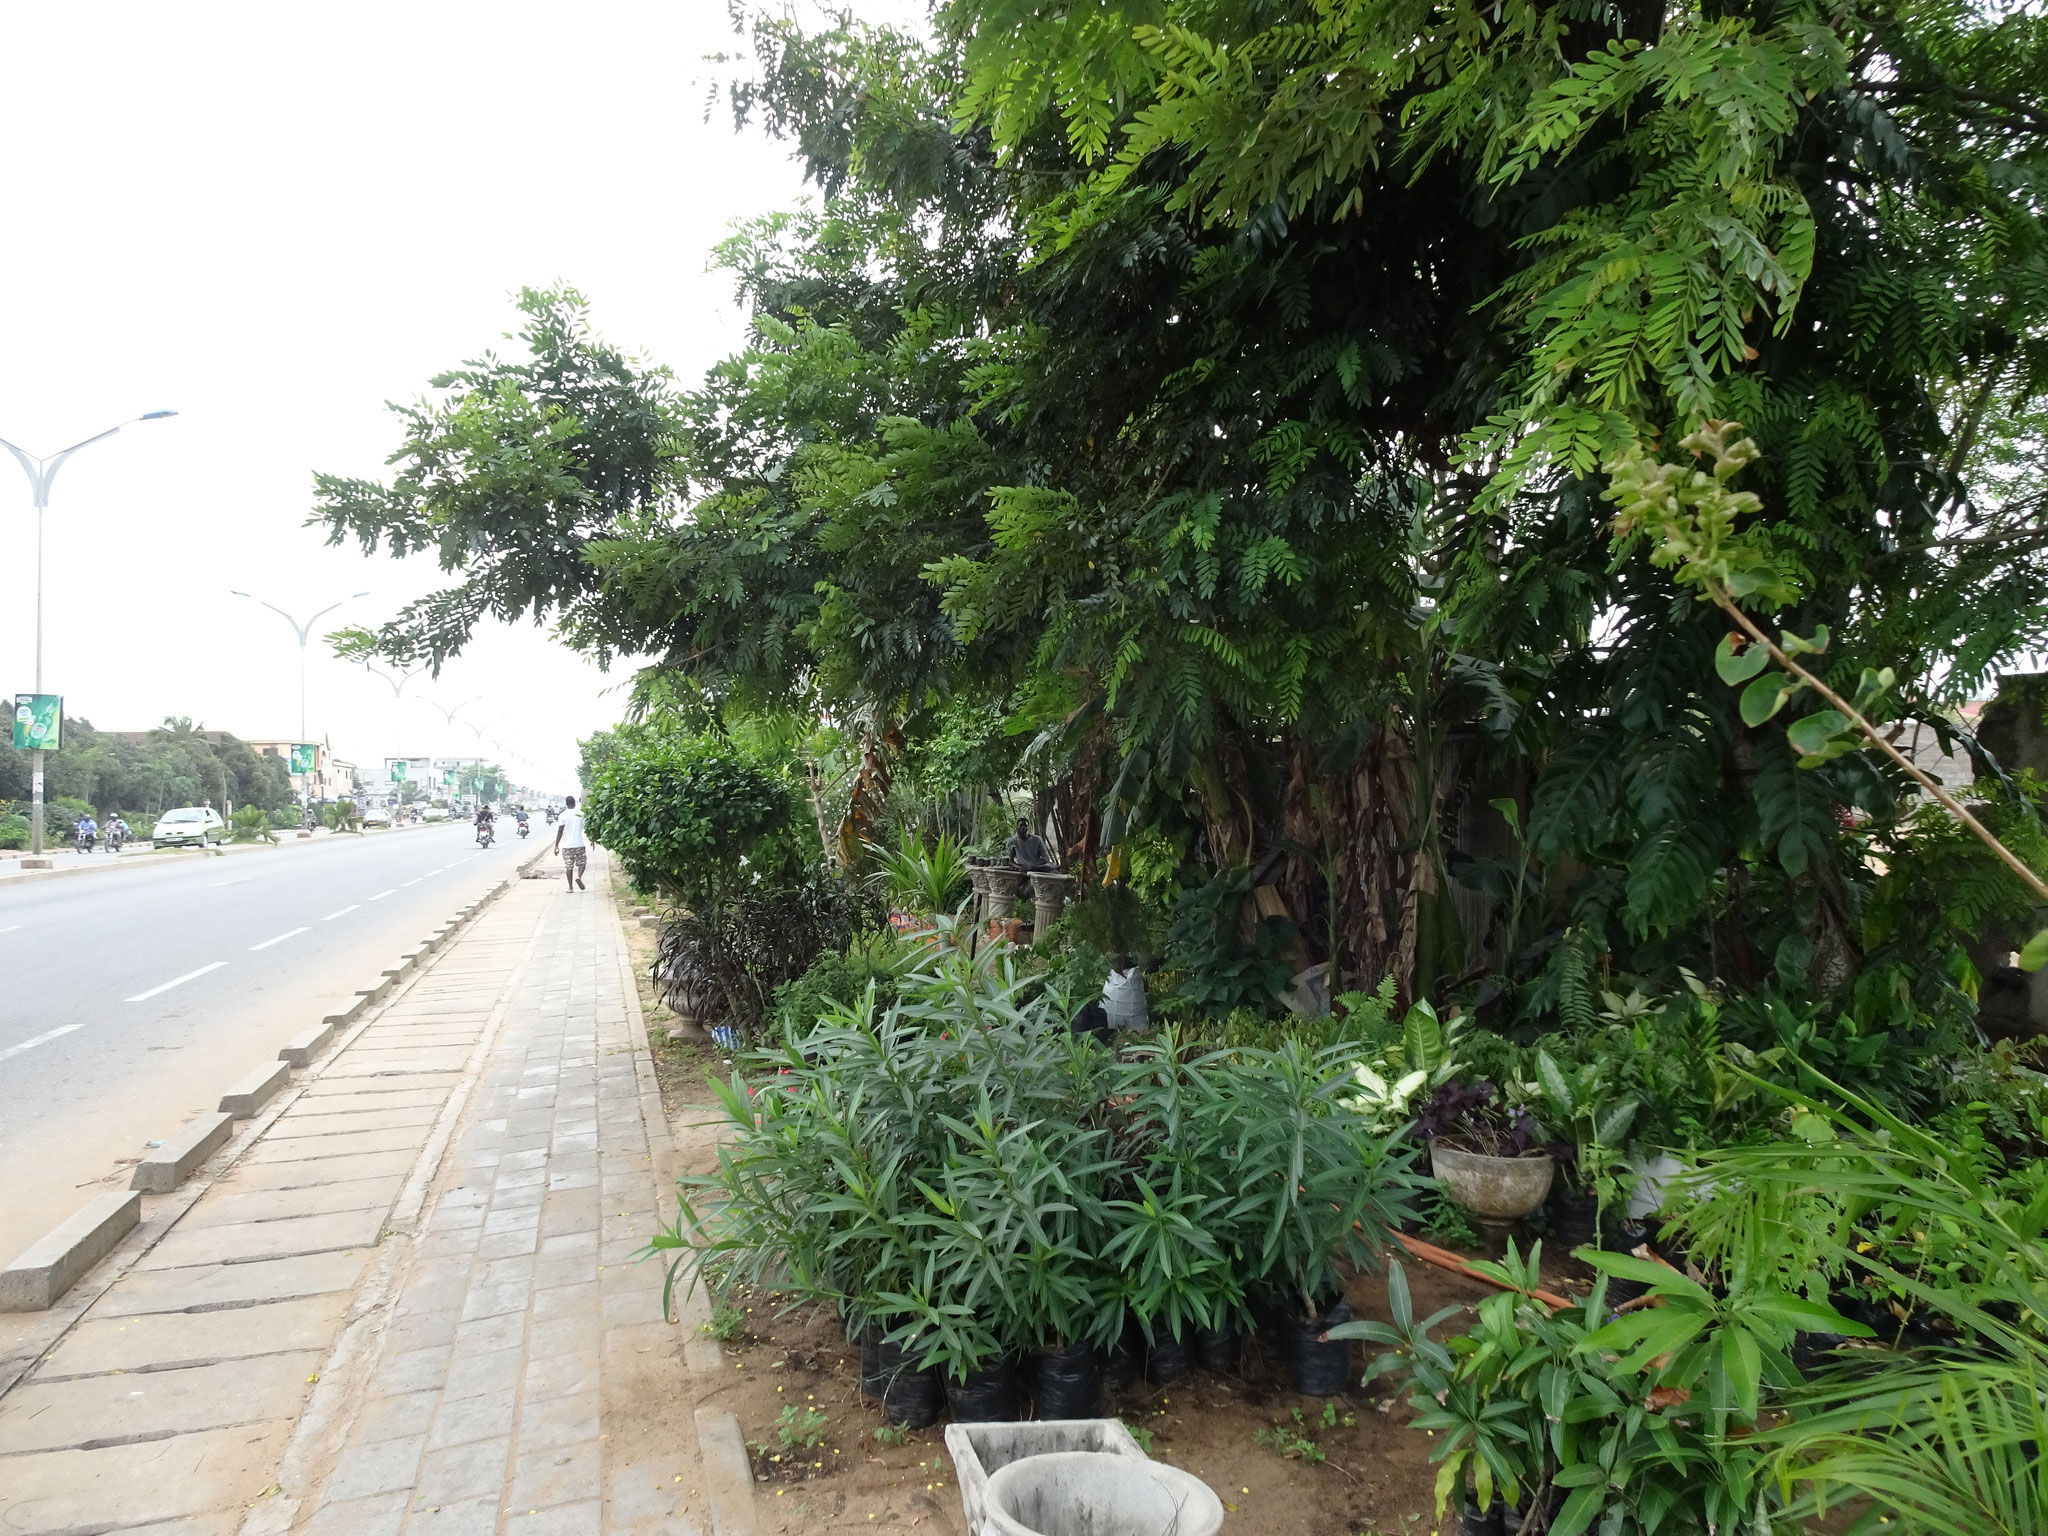 Solche illegalen Gärtnereien gibt es überall am Strassenrand